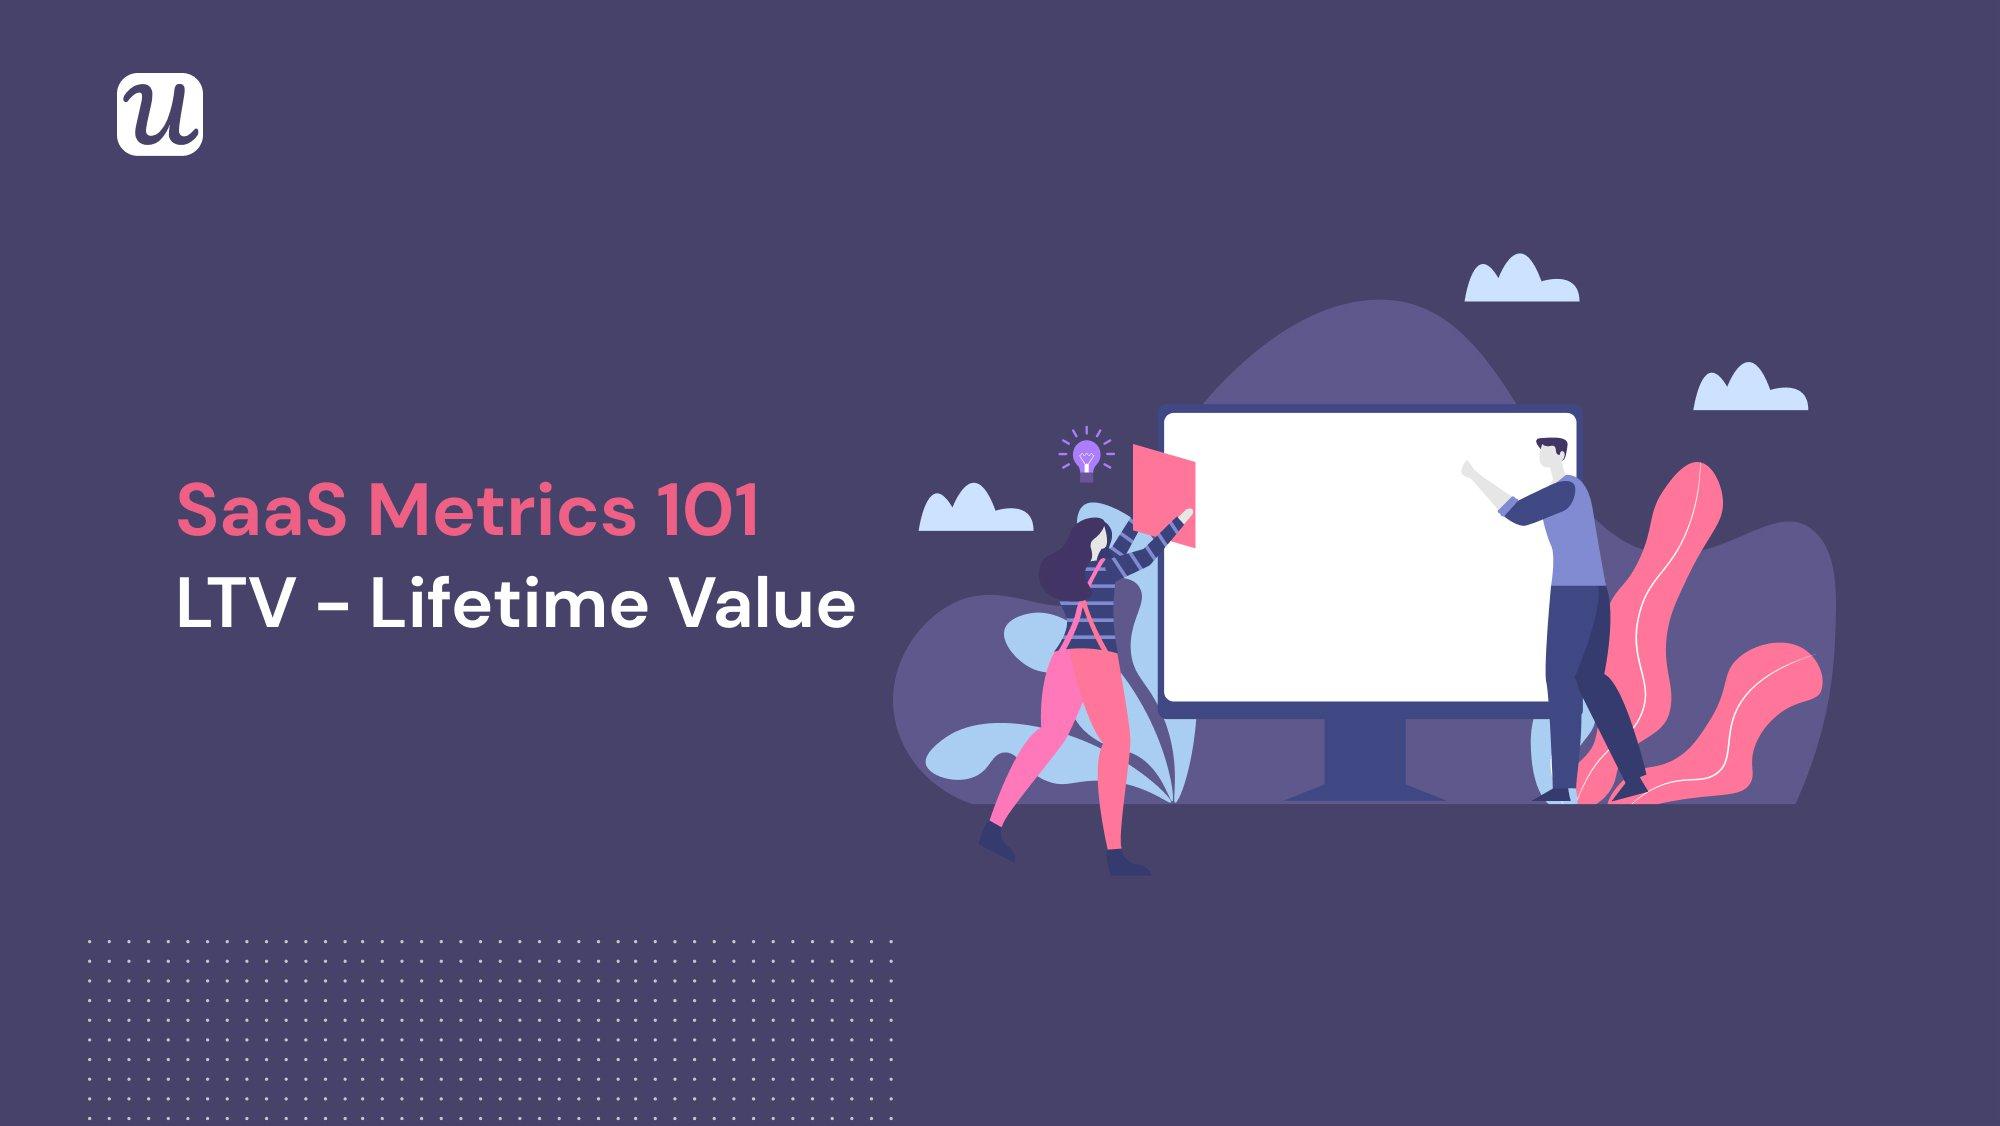 SaaS Metrics 101: LTV - Lifetime Value